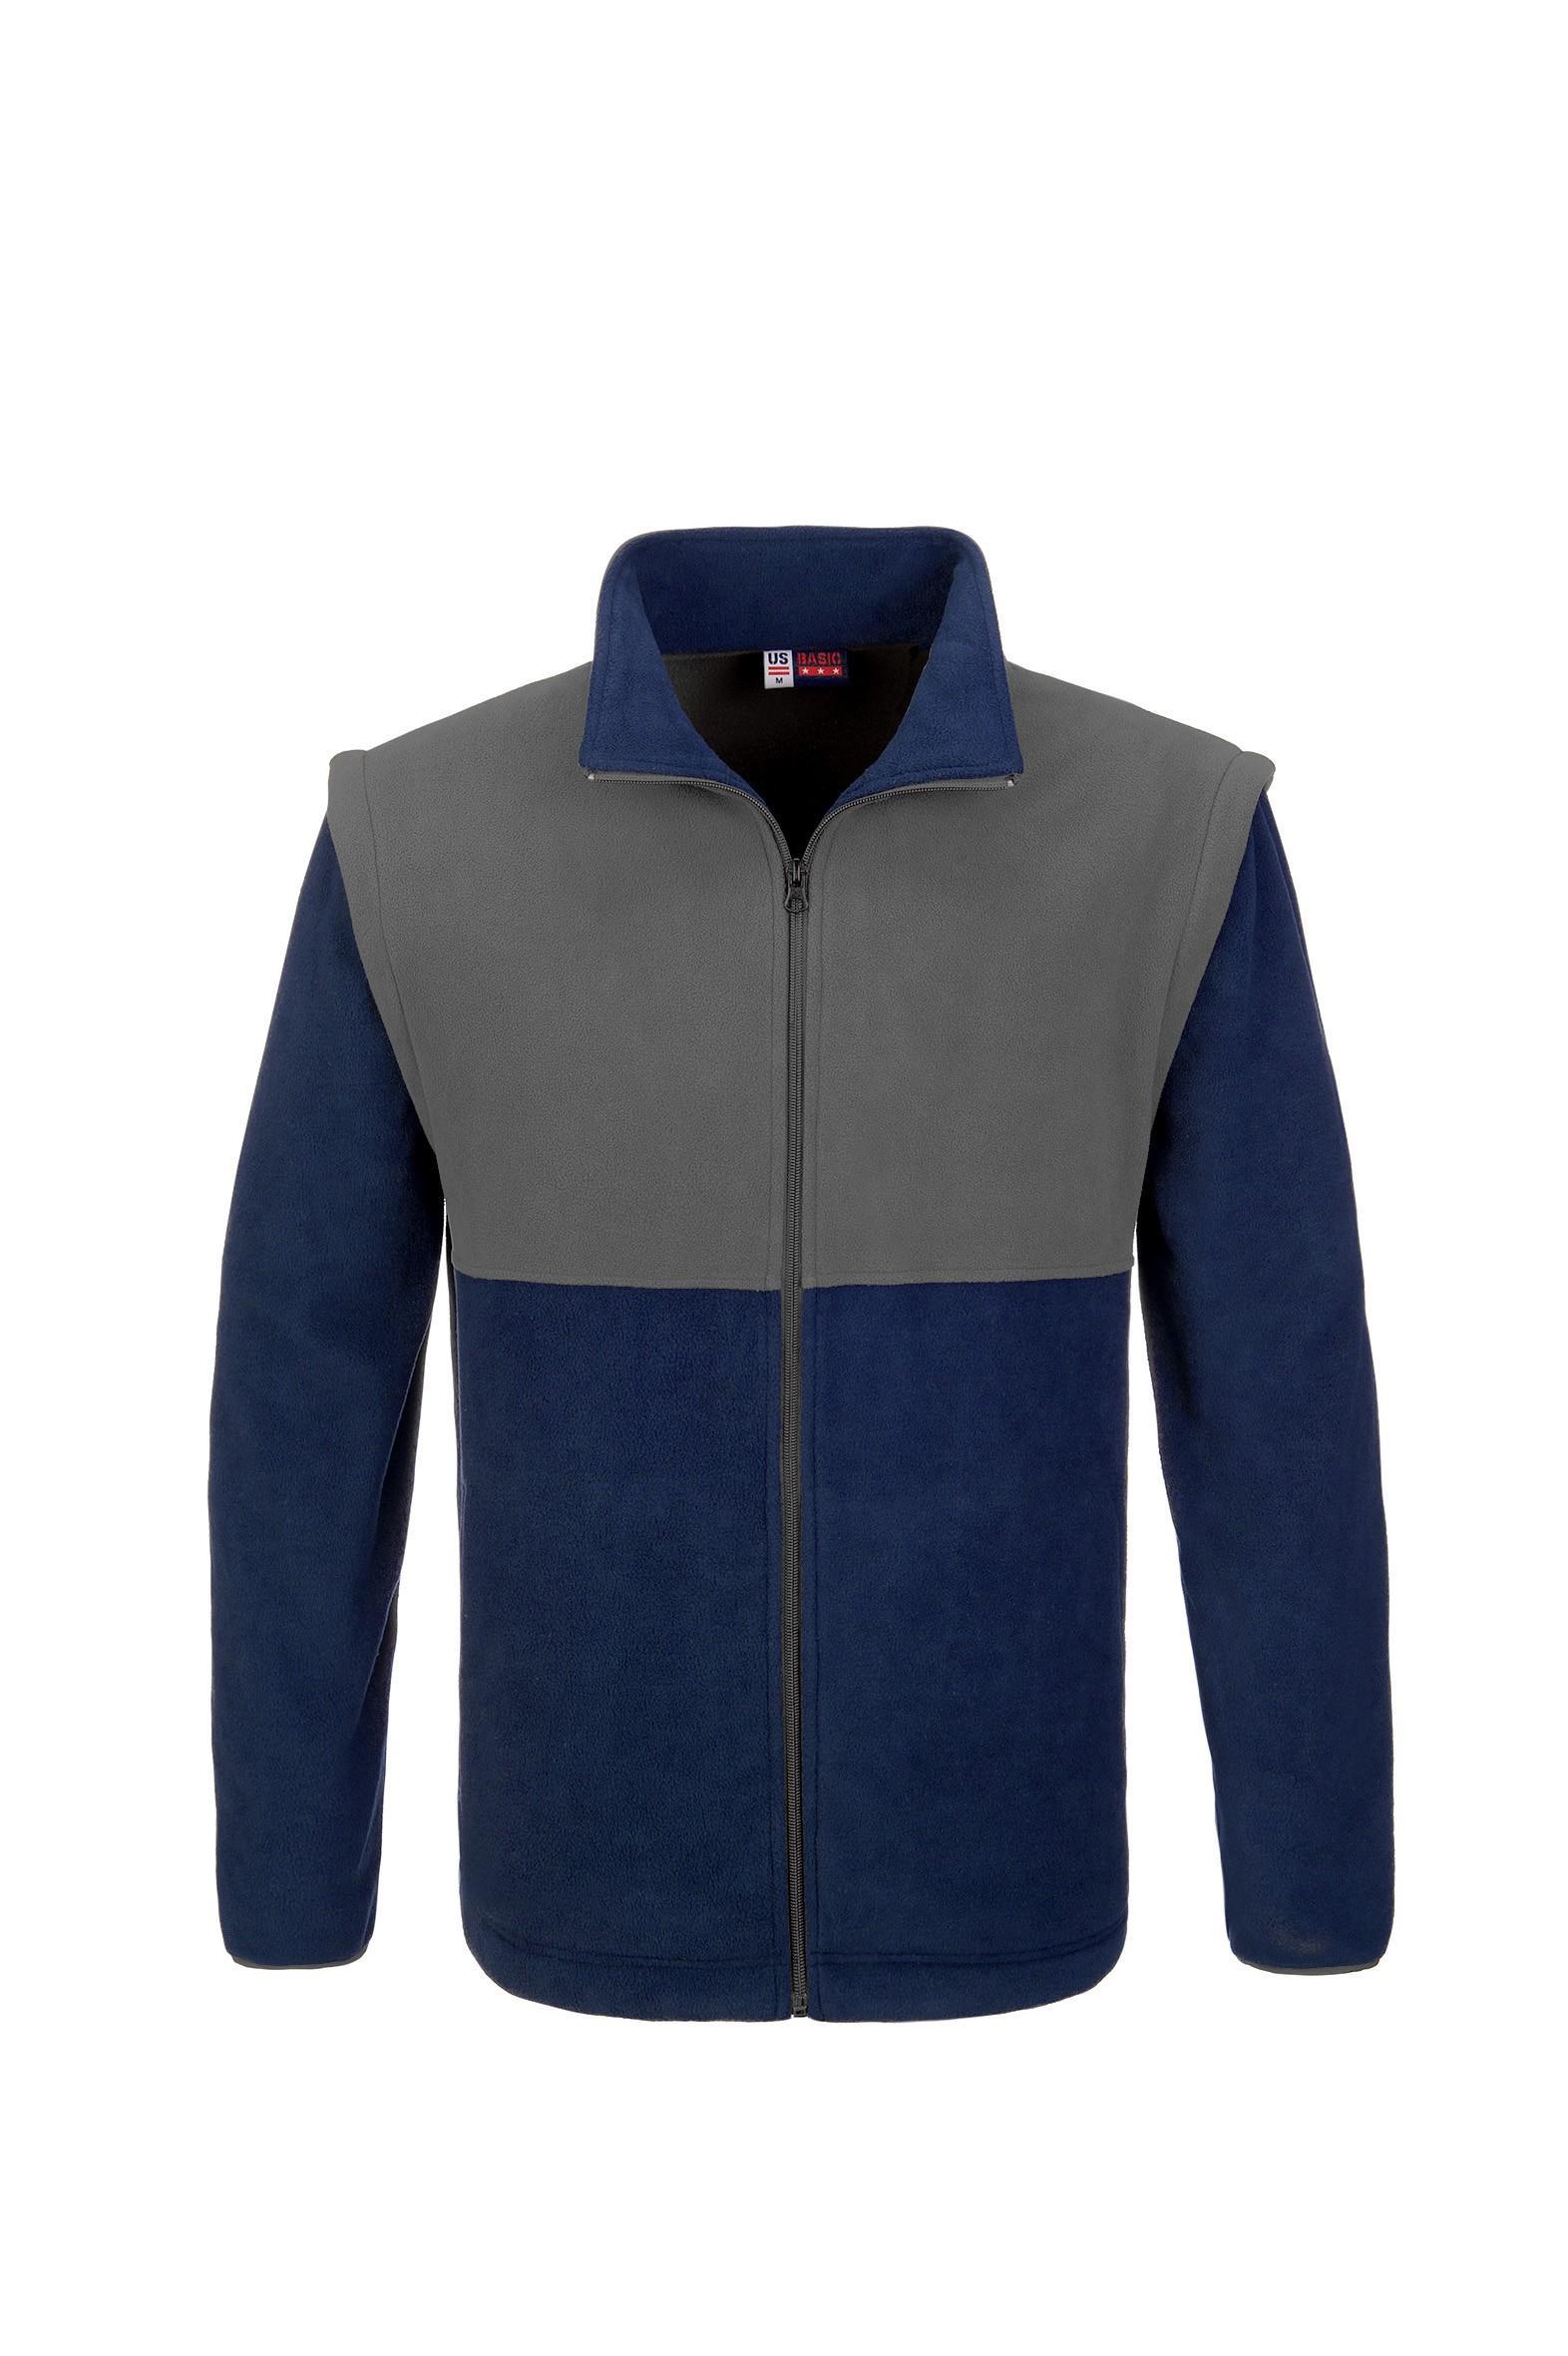 Mens Benneton Zip-off Micro Fleece Jacket - Navy Only